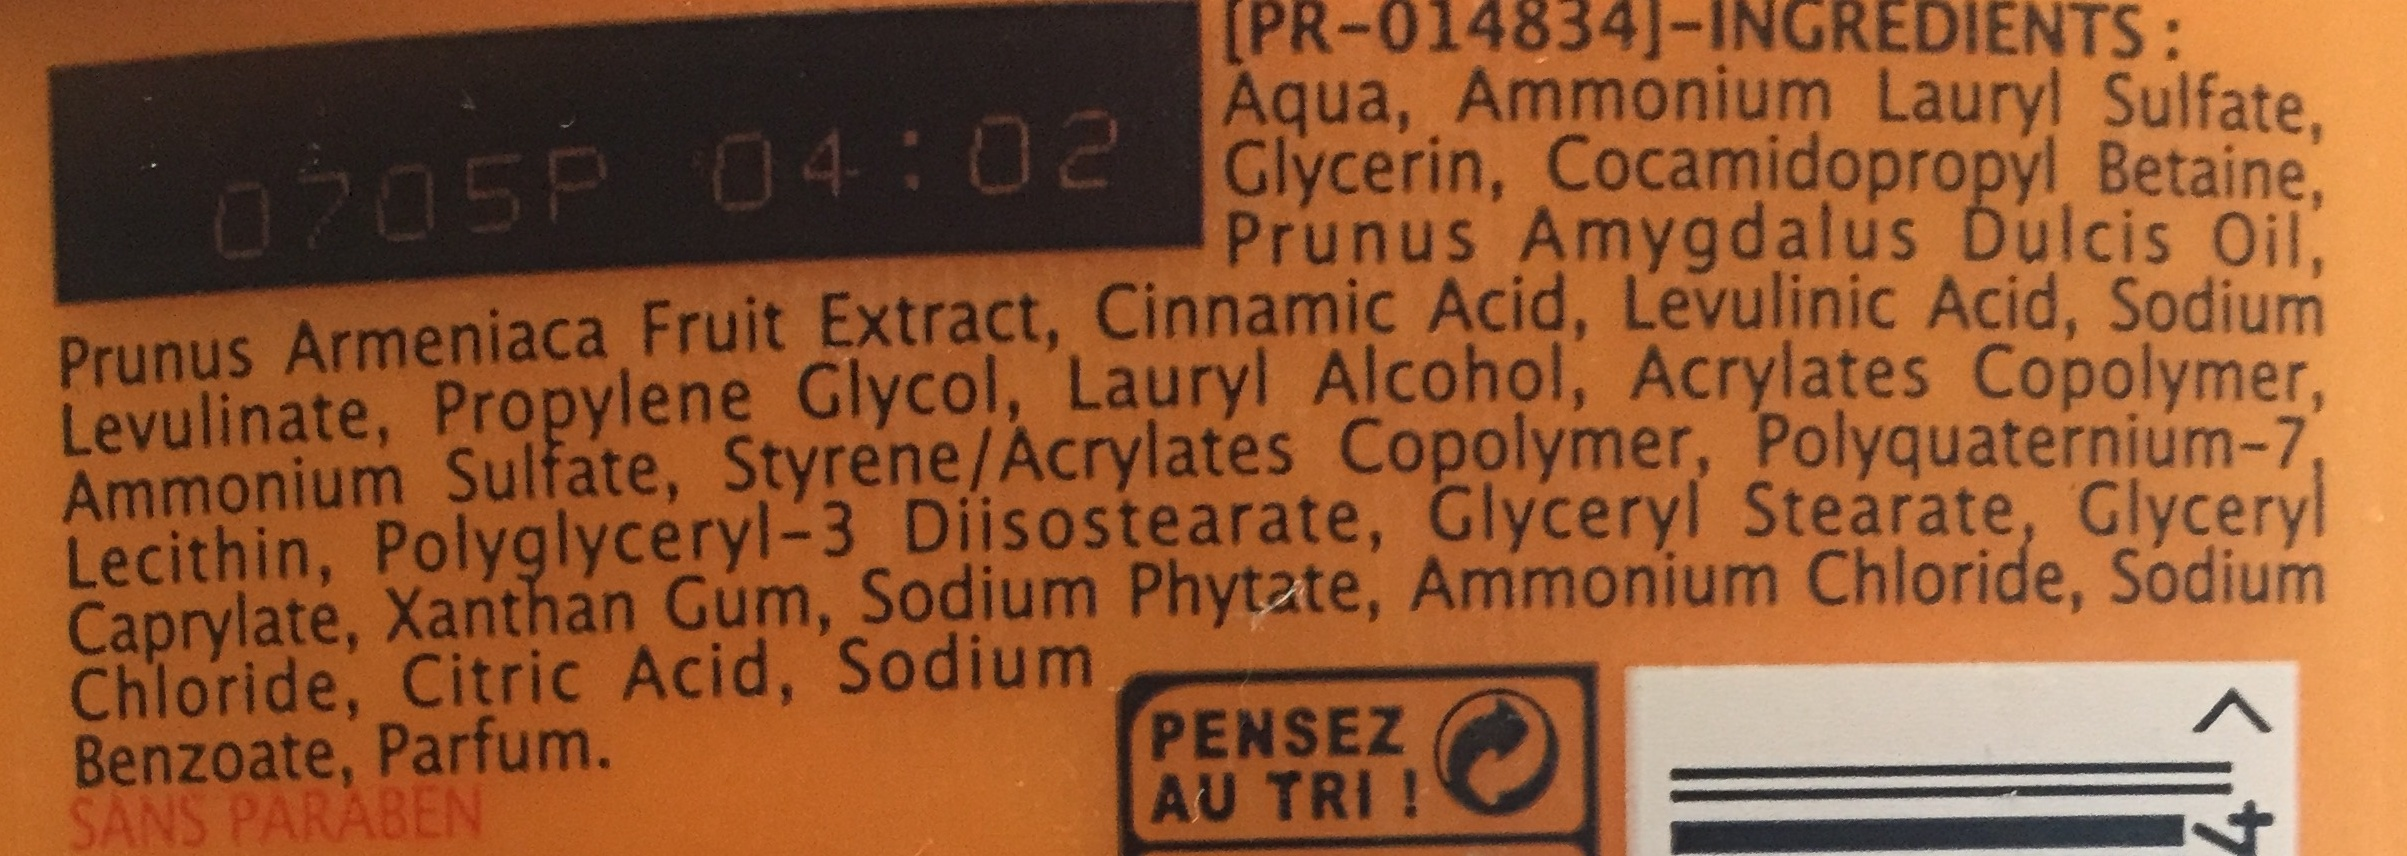 gel douche avec du lait et de l'abricot - Ingrédients - fr